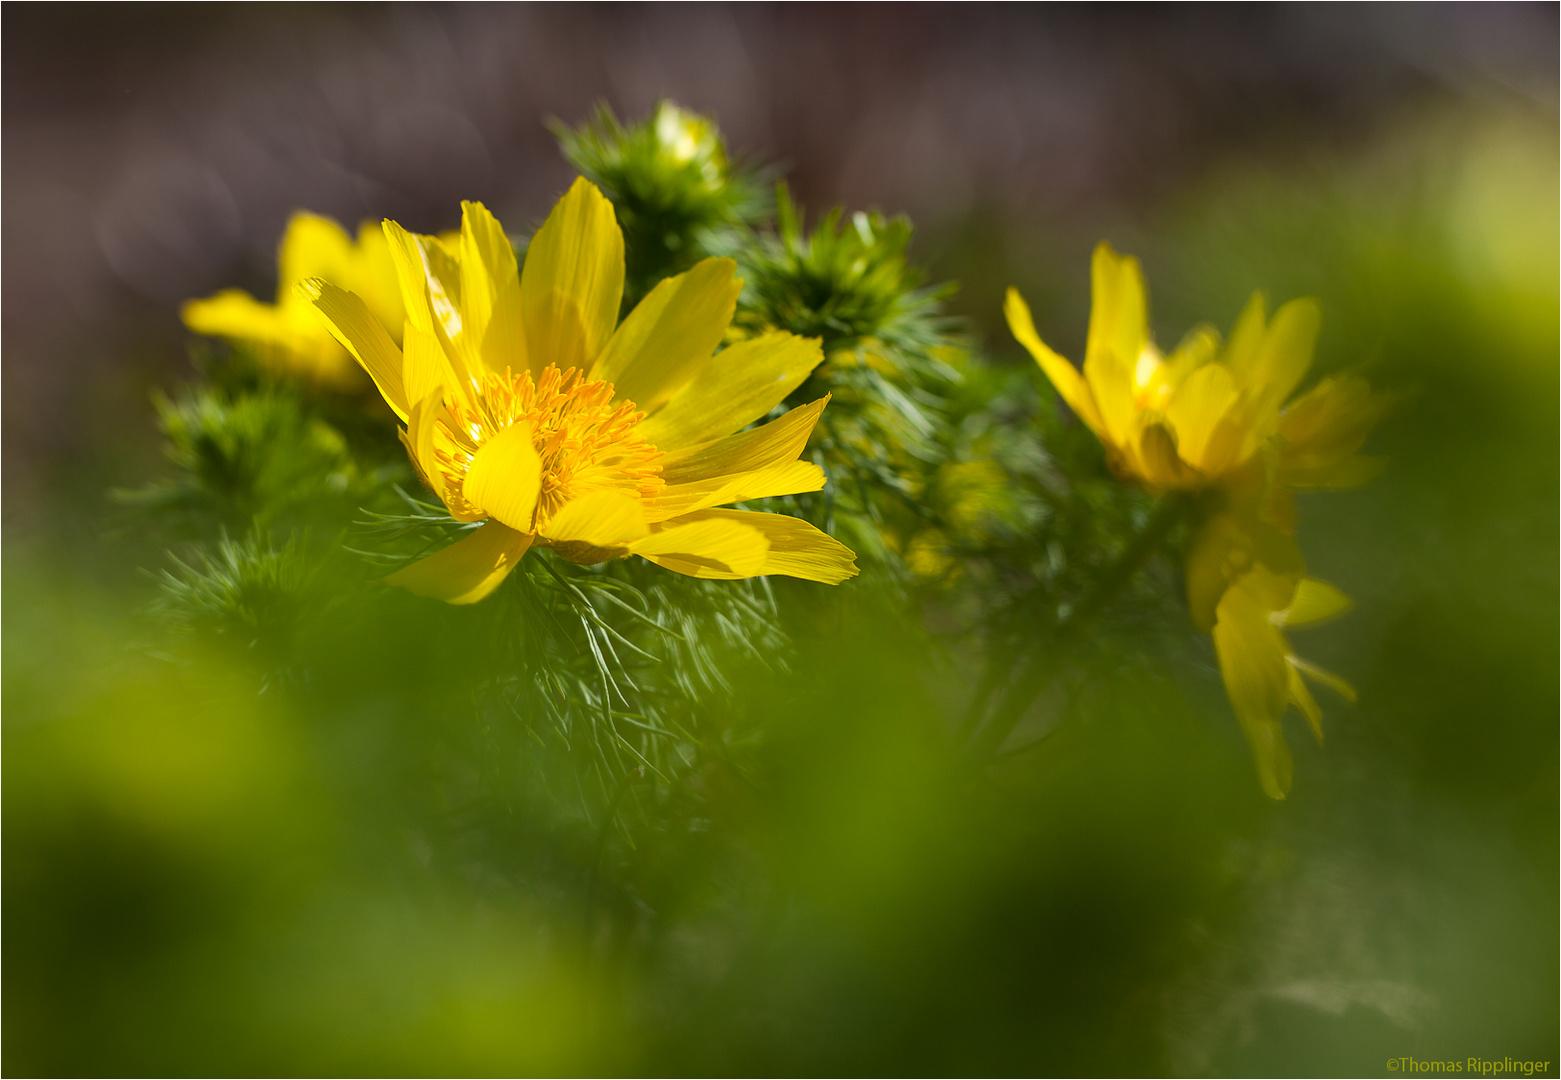 Frühlings-Adonisröschen oder Frühlings-Adonis (Adonis vernalis)